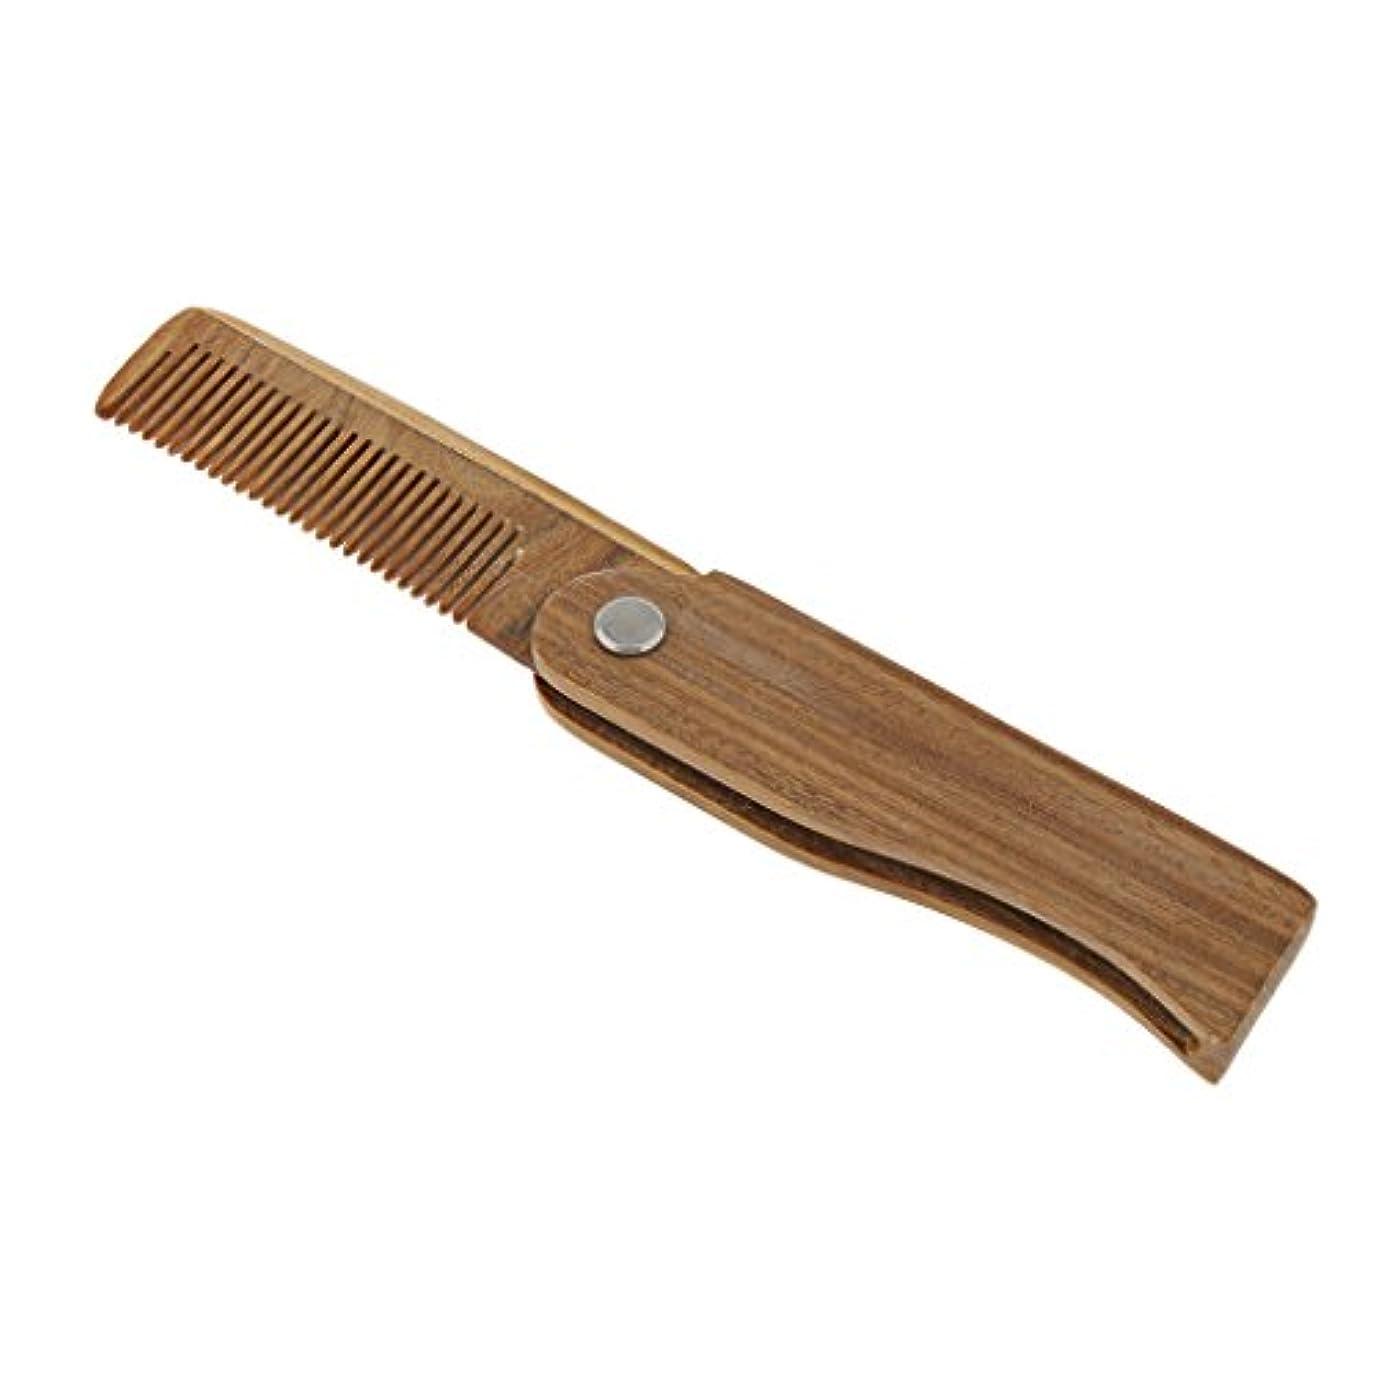 無実南アメリカ下位Fenteer 木製櫛 ヘアブラシ ヘアコーム ポケットサイズ 折り畳み式 ひげ櫛 2タイプ選べる - B